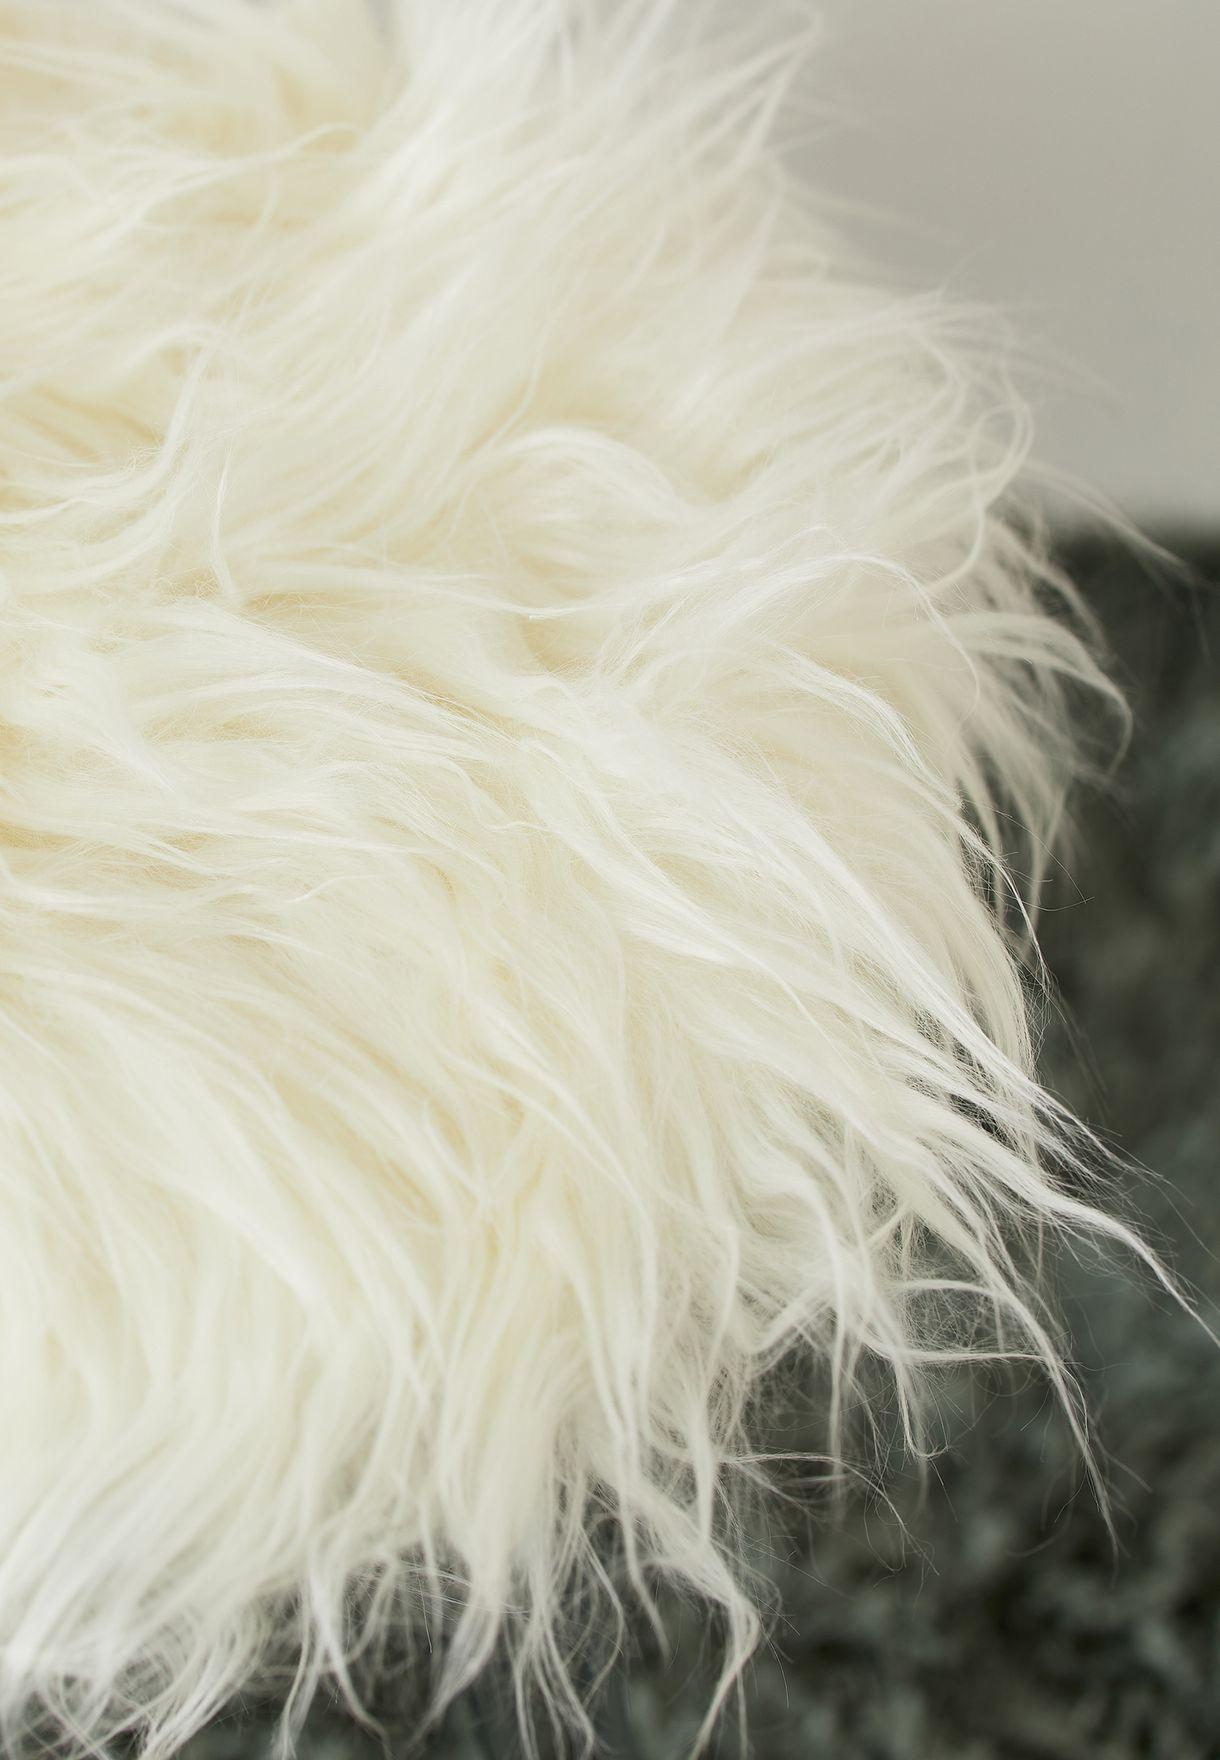 White Fluffy Upholstered Footstool